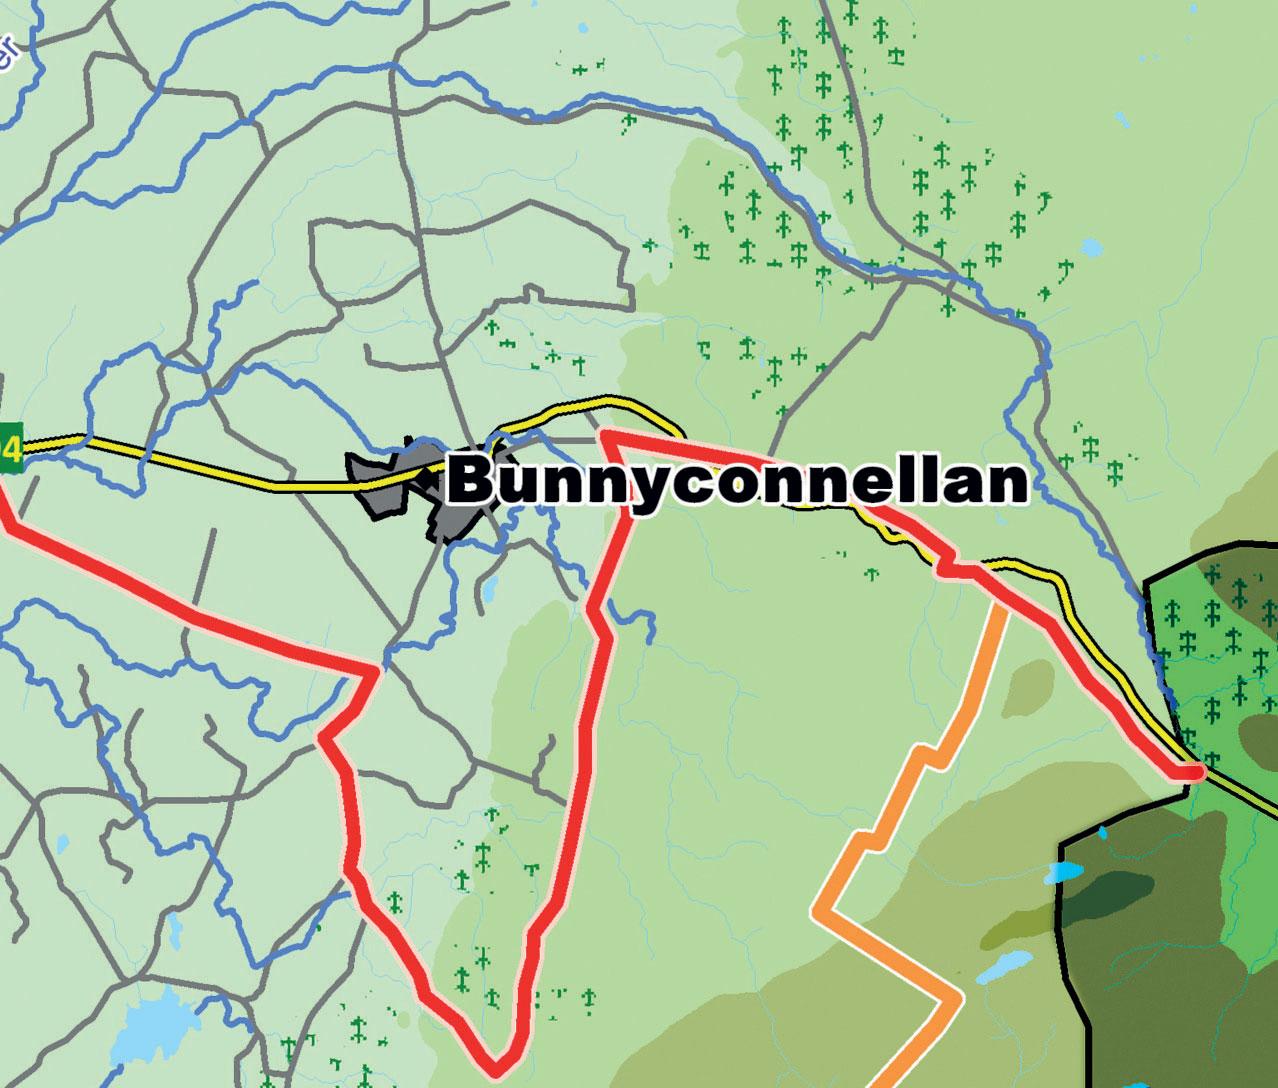 Bunnyconnelan